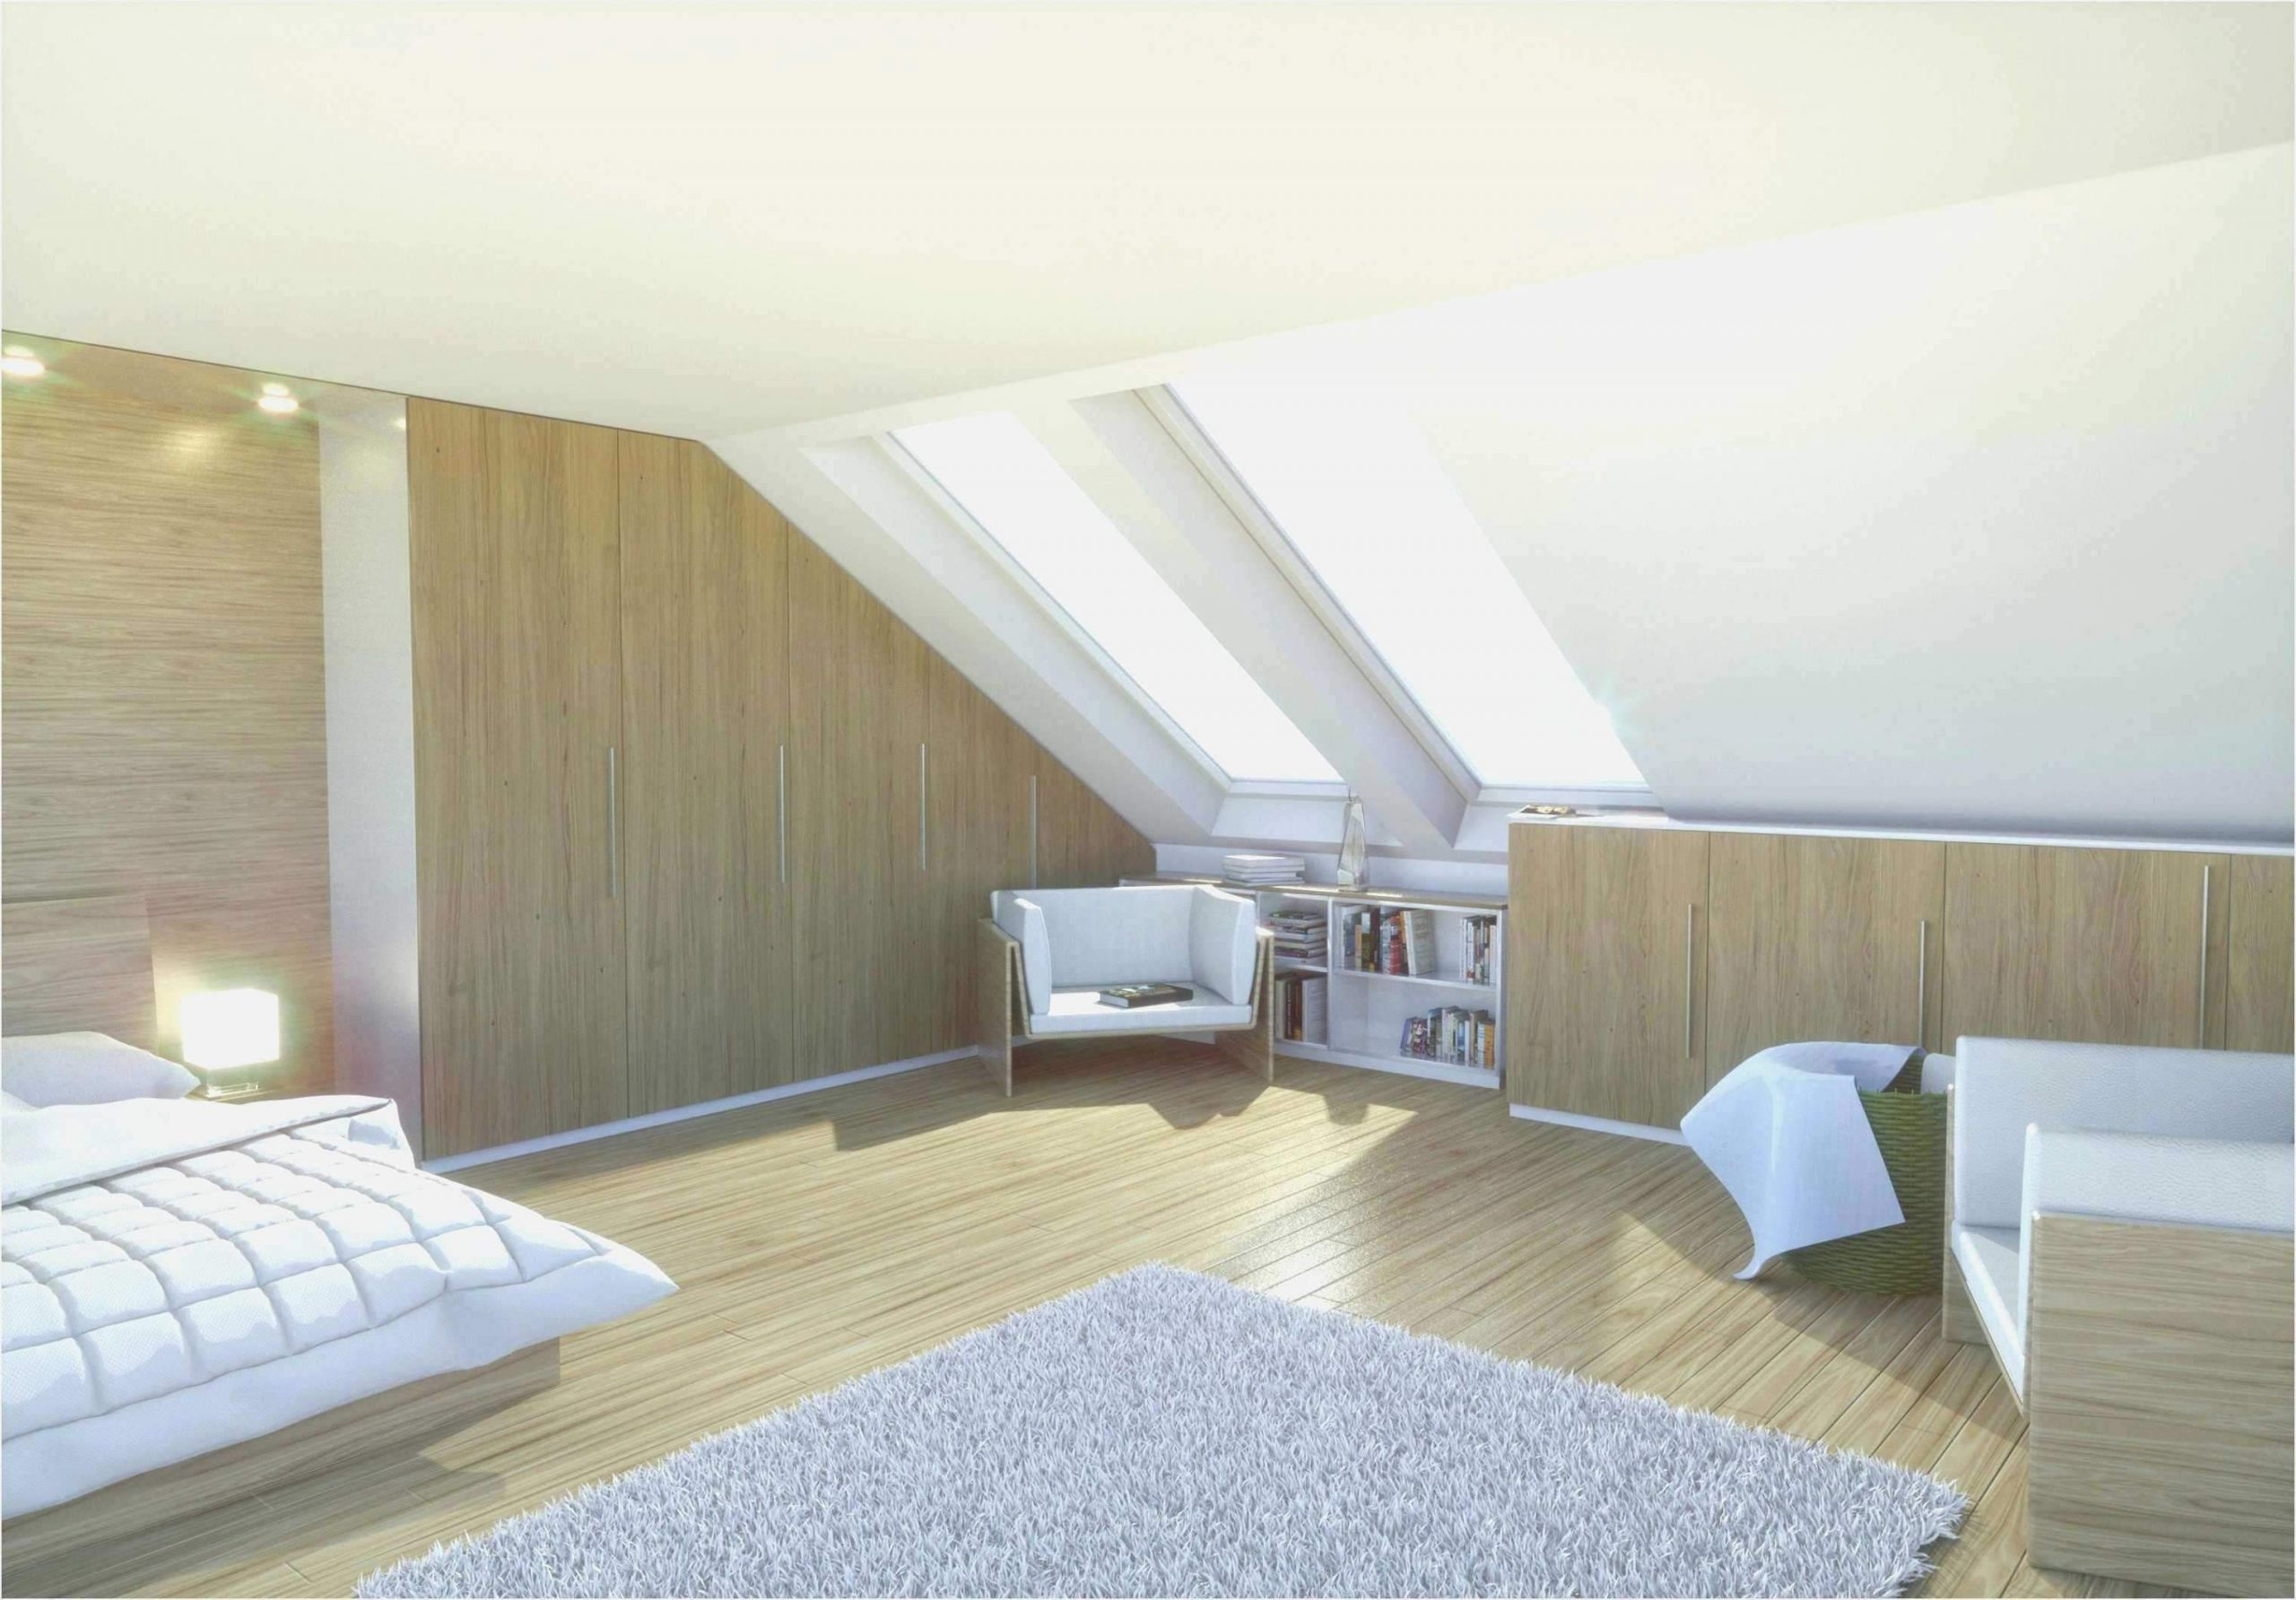 wanddeko wohnzimmer einzigartig 50 luxus von wanddeko wohnzimmer metall planen of wanddeko wohnzimmer